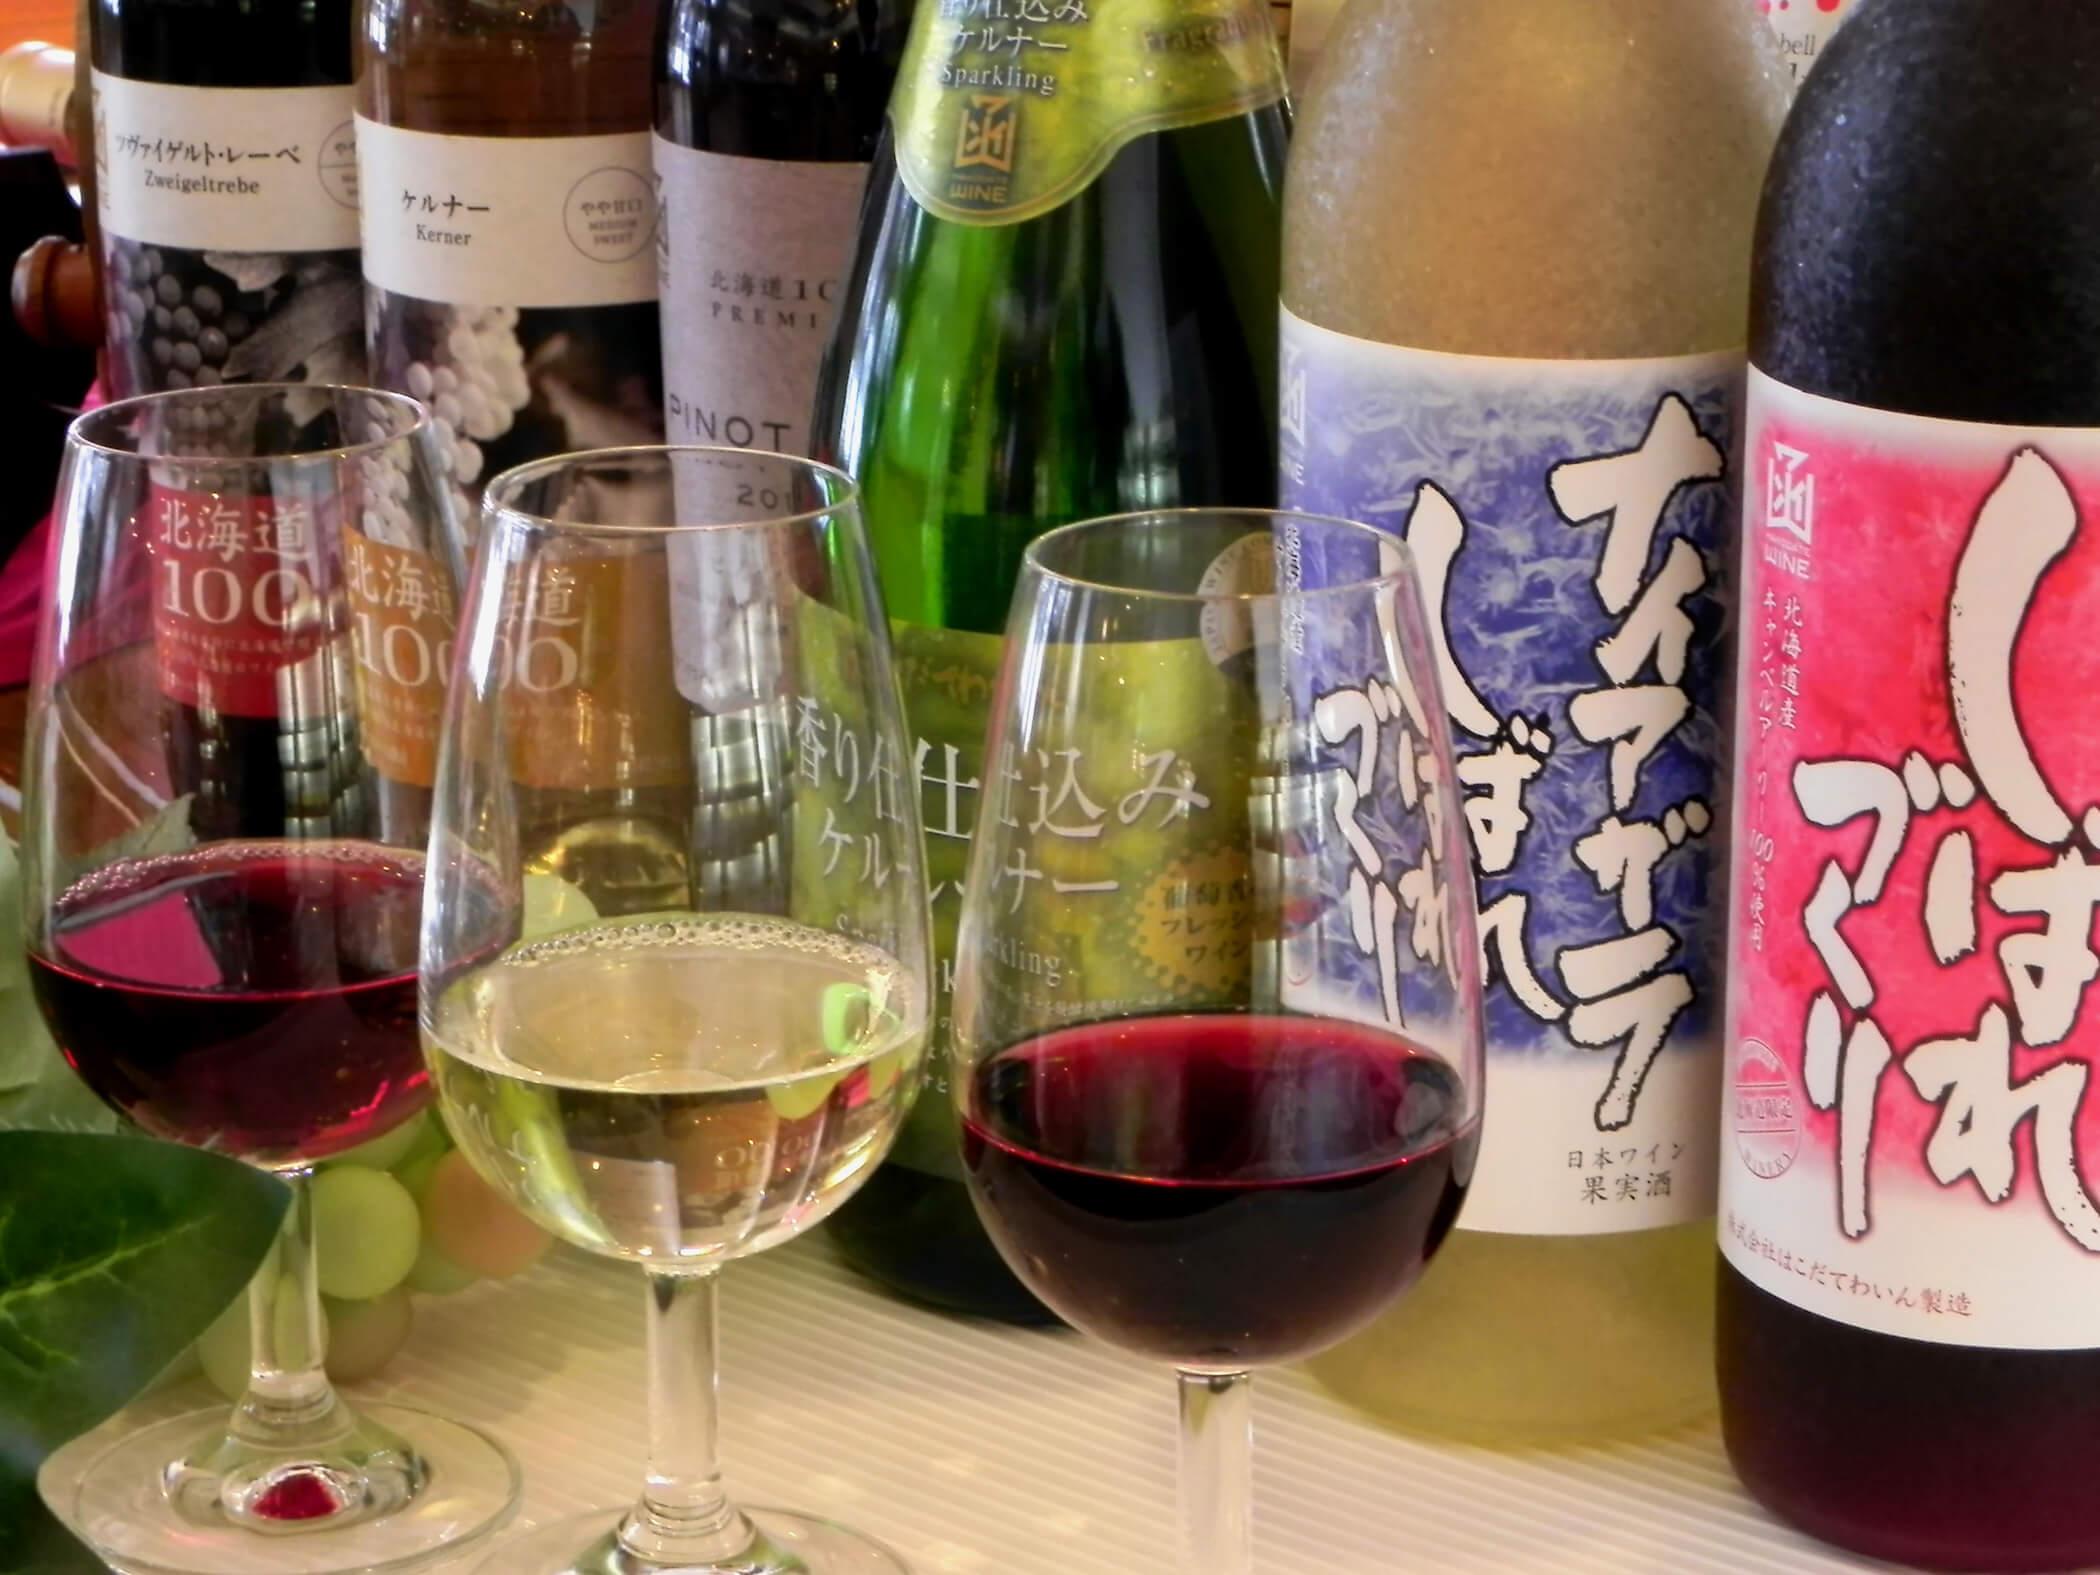 伴手禮清單絕對少不了的函館葡萄酒